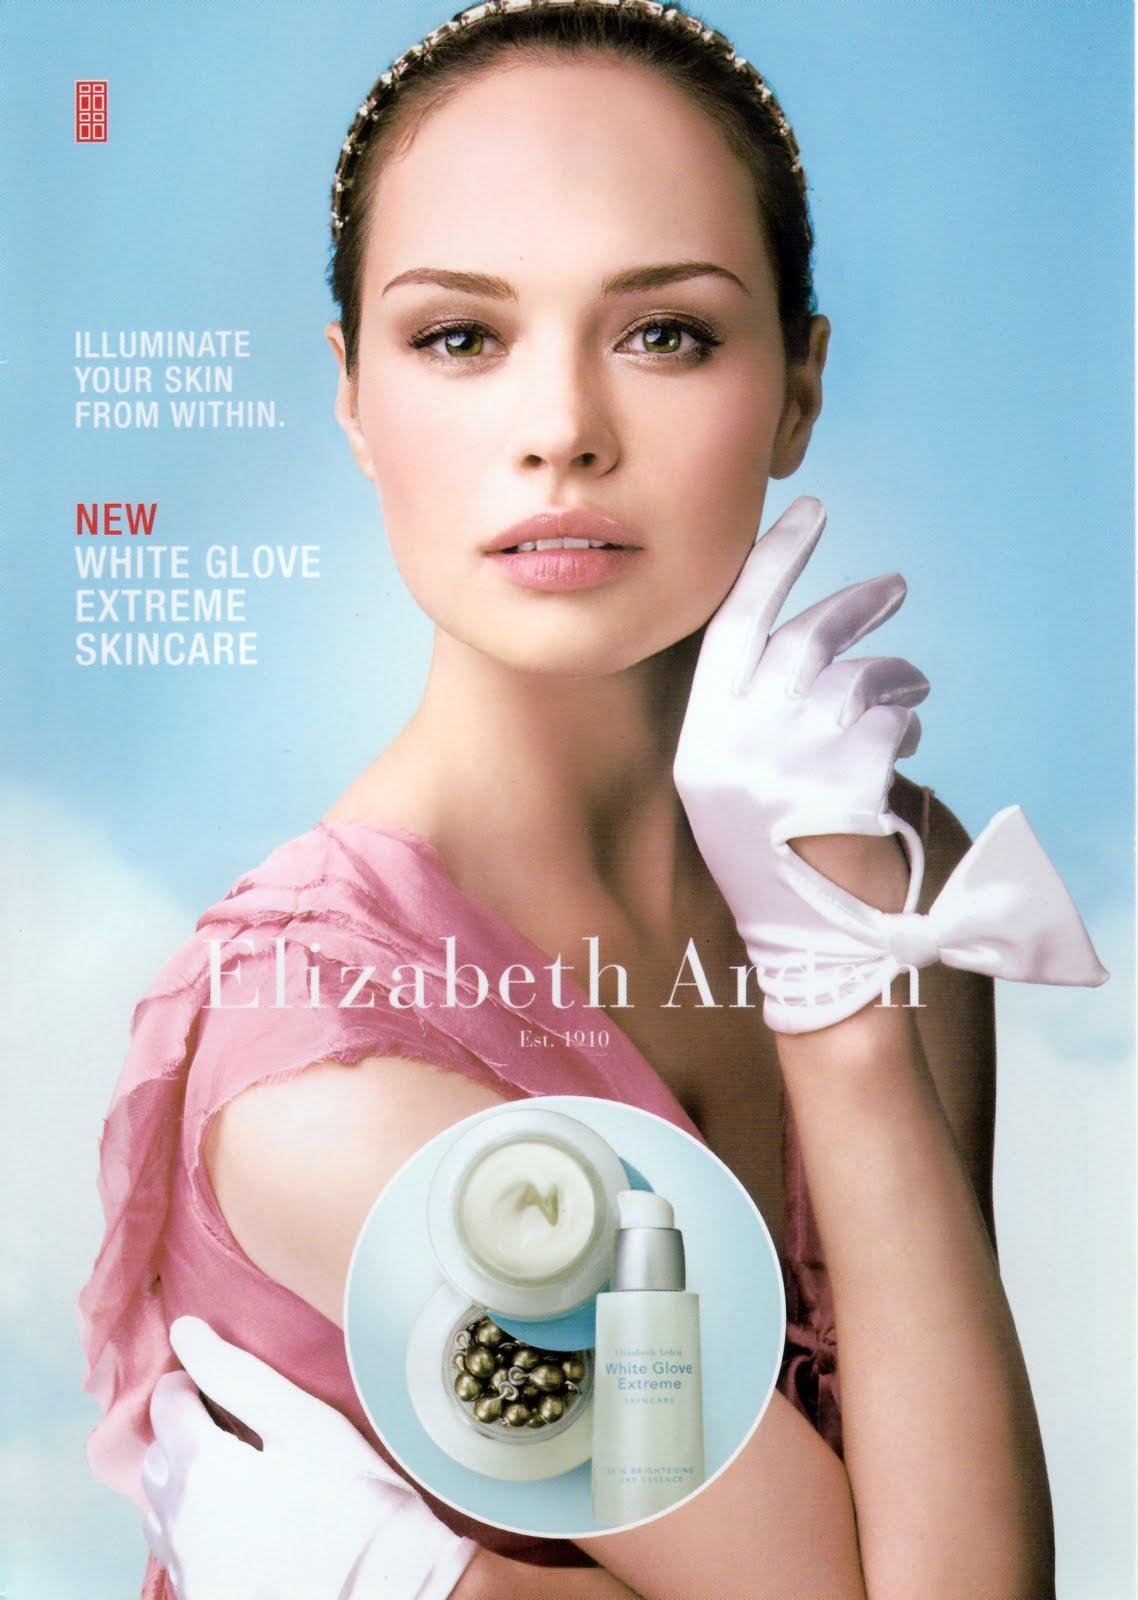 http://1.bp.blogspot.com/_mXqy0C-4prs/TIeeCFsPrnI/AAAAAAAACa4/u2mD8p6dLgE/s1600/Elizabeth%2BArden.jpg